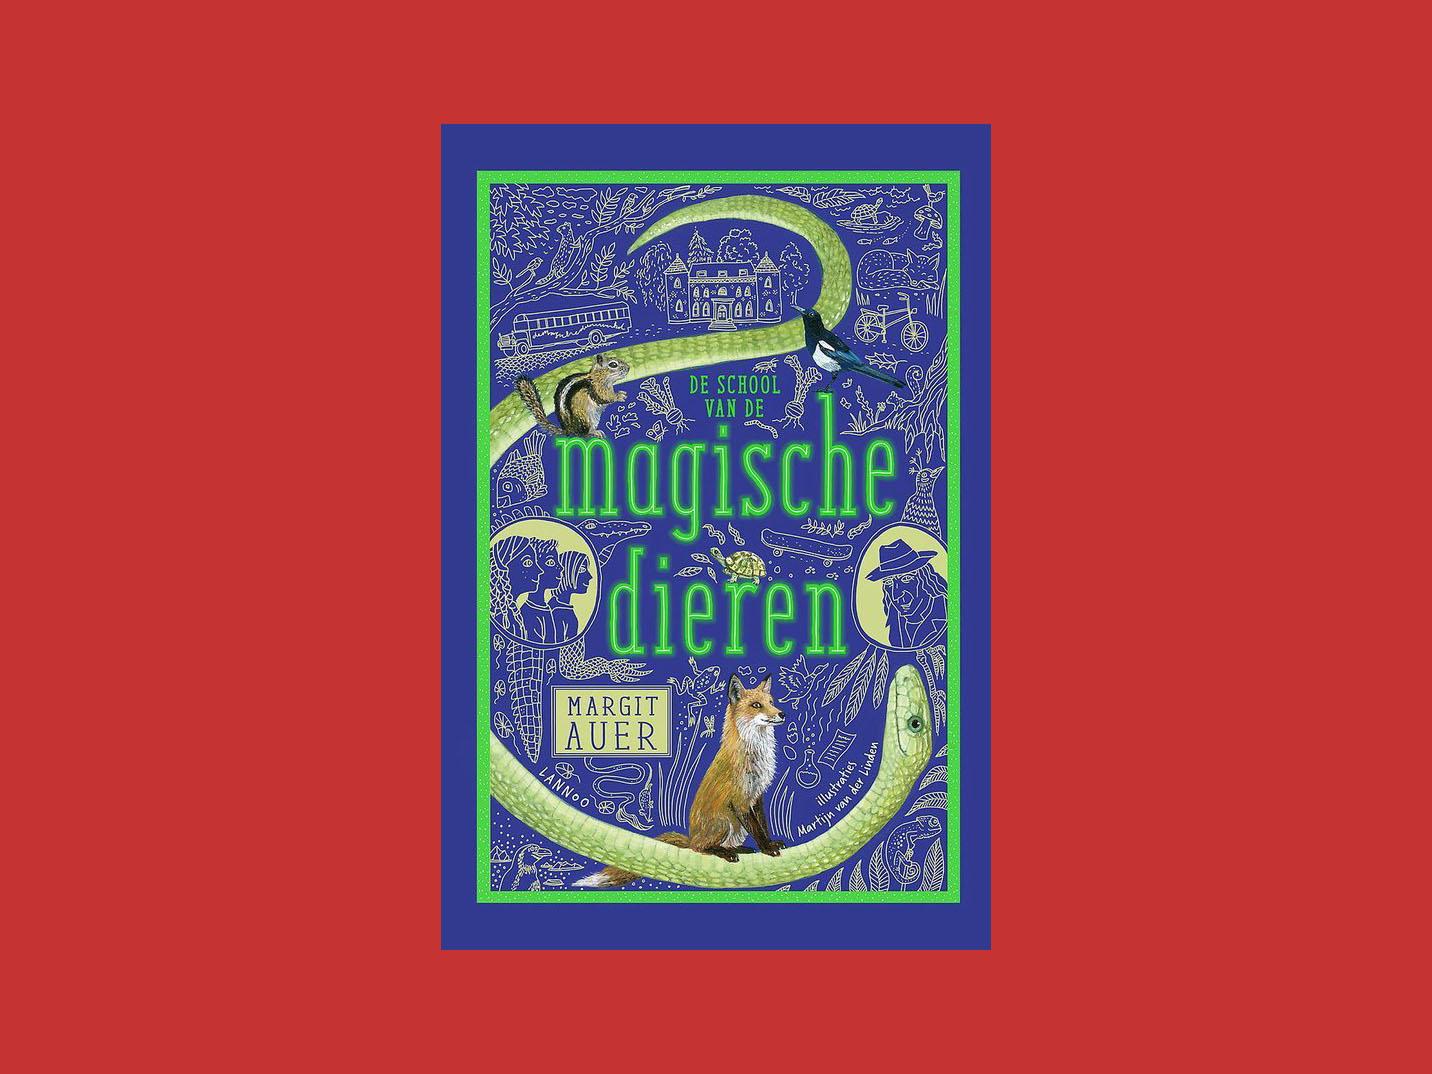 Boekbespreking De school van de magische dieren